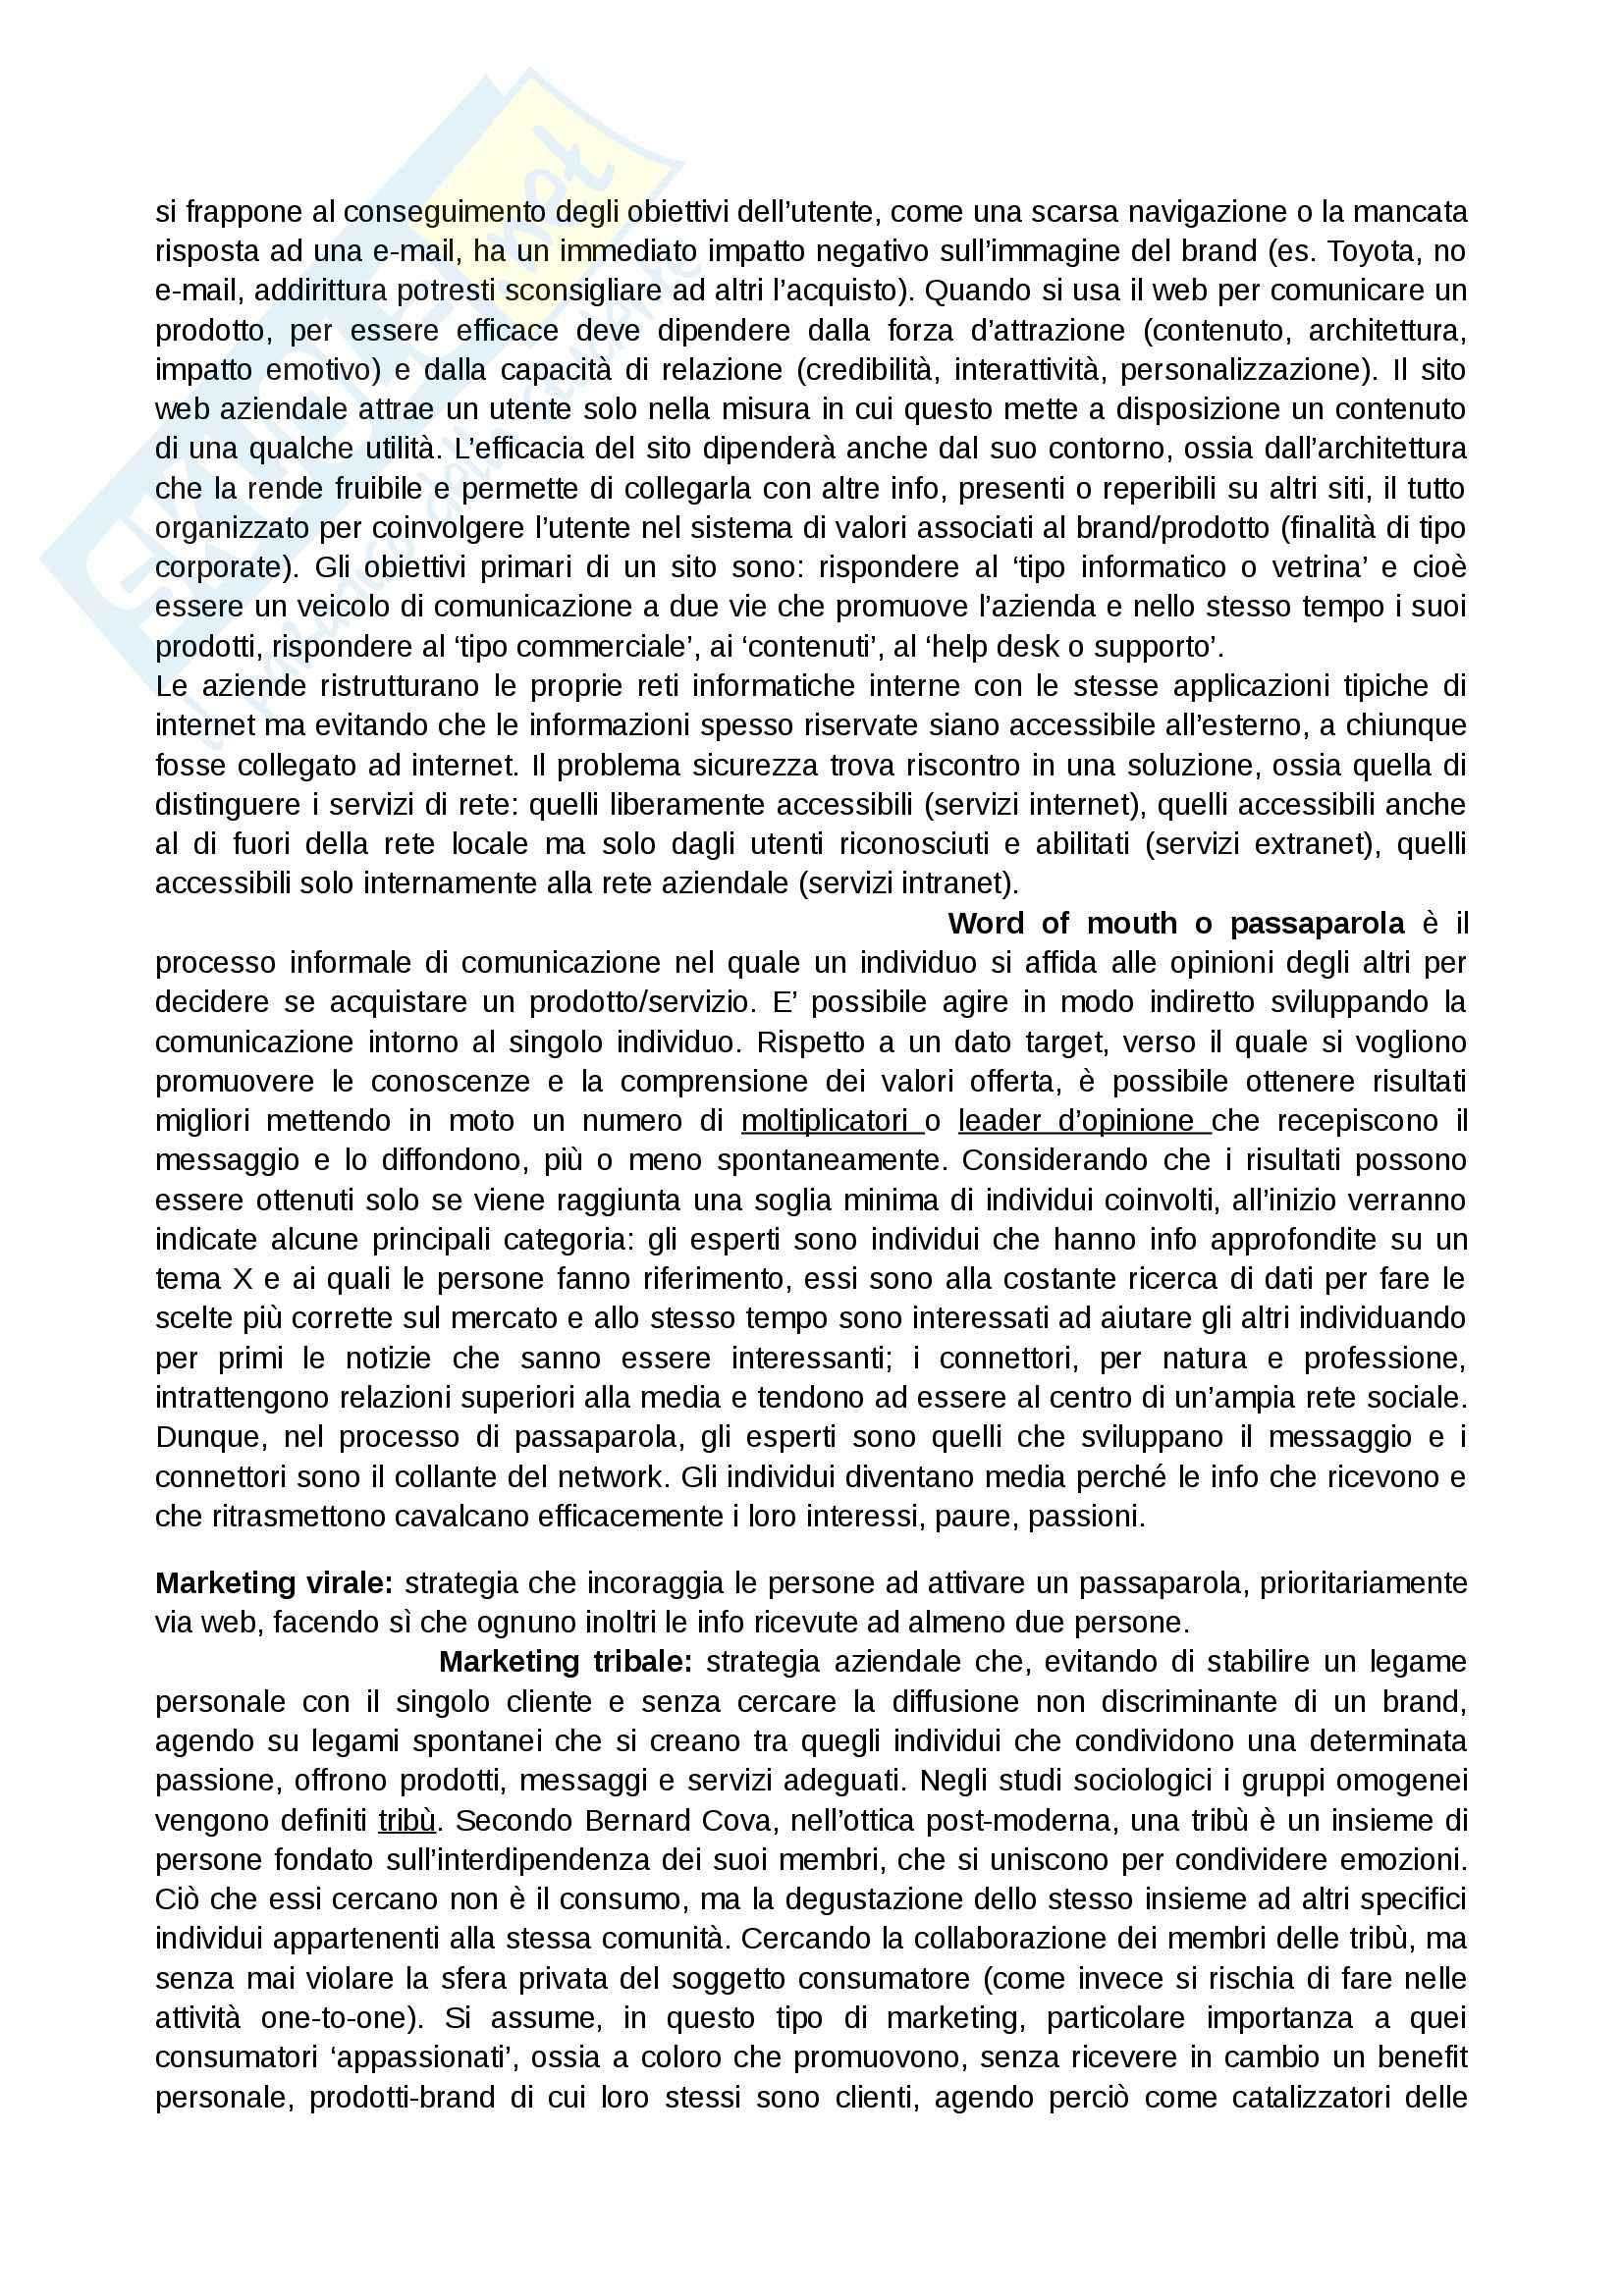 Riassunto esame Marketing, prof. Addamiano, libro consigliato Marketing di Peter, Donnelly, Pratesi Pag. 31